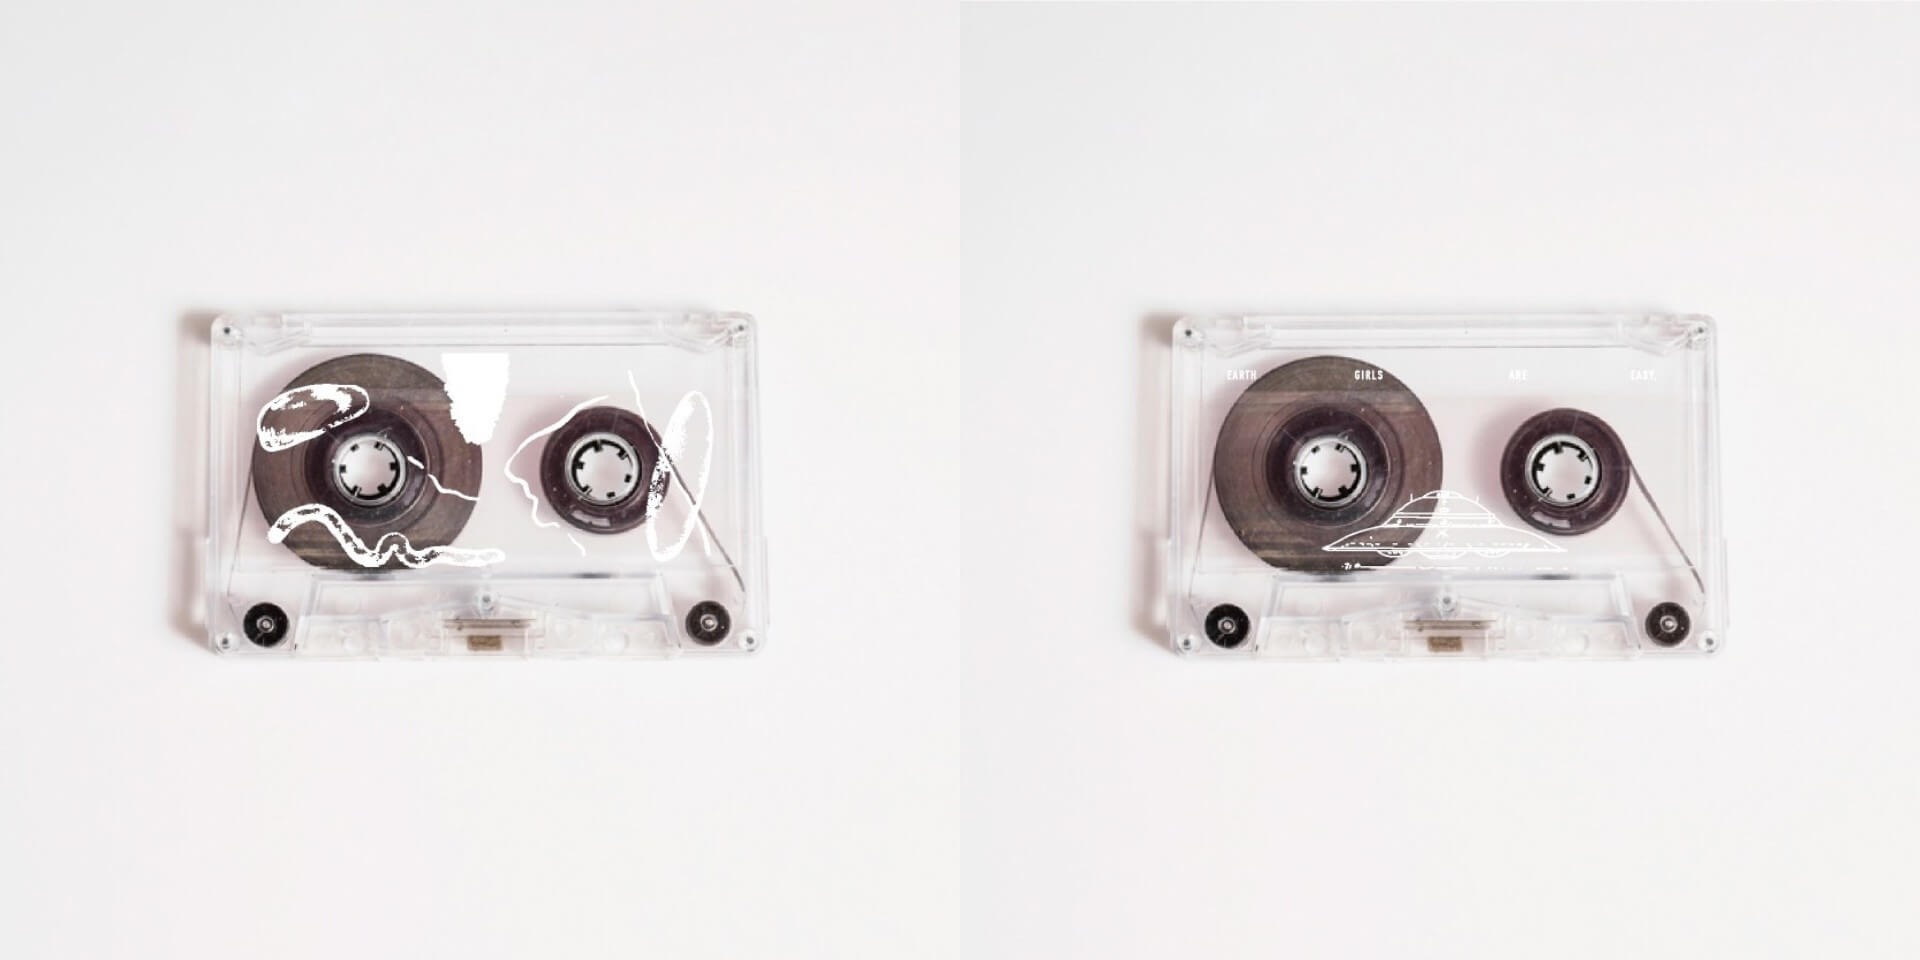 AI.U & EMARLEによるユニット0120が〈WURAFU〉よりミックステープをリリース|主催イベント「テレフォンクラブ」には悪魔の沼、RAMZA、suiminらが登場 music190815-0120